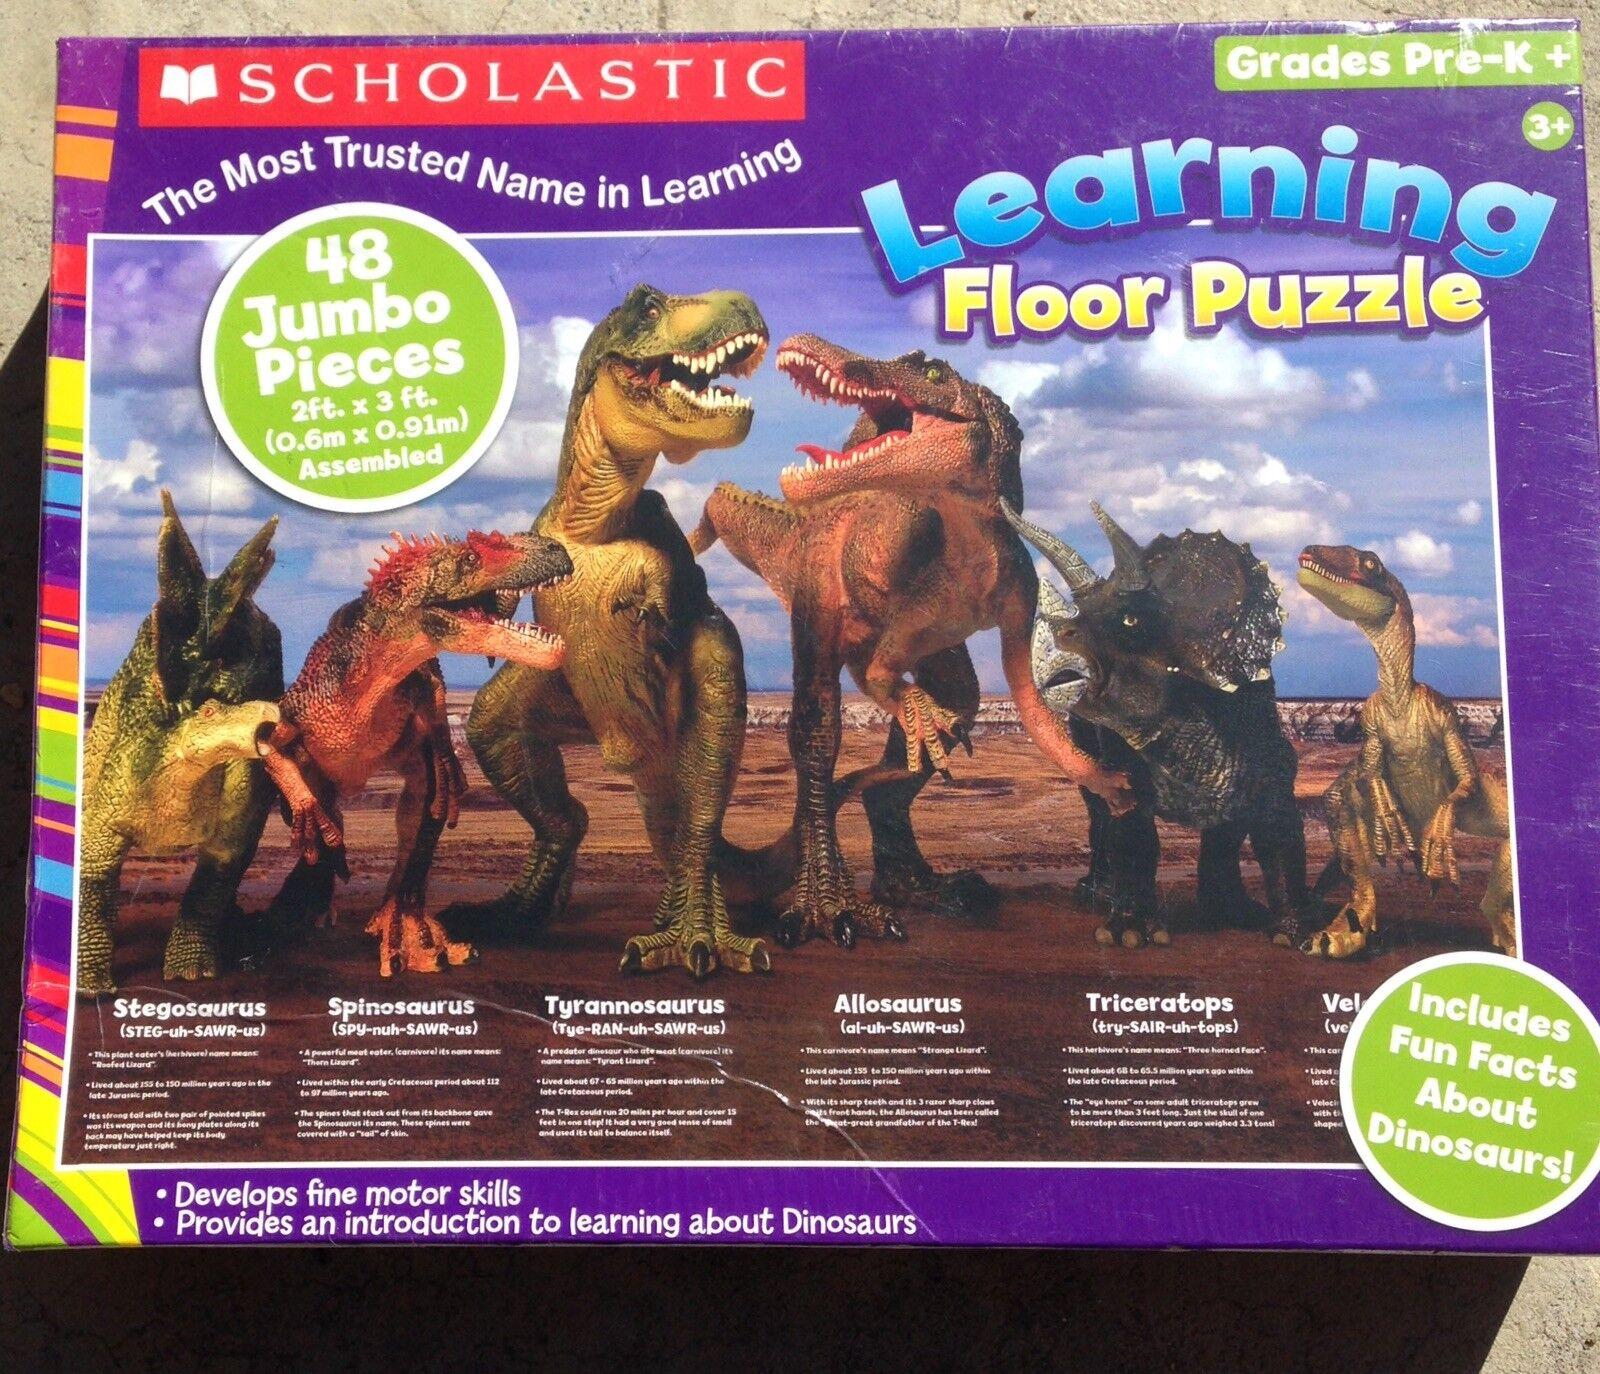 Dinosaurier - schulischen lernen boden puzzle 48 jumbo stcke neu.schnelle lieferung